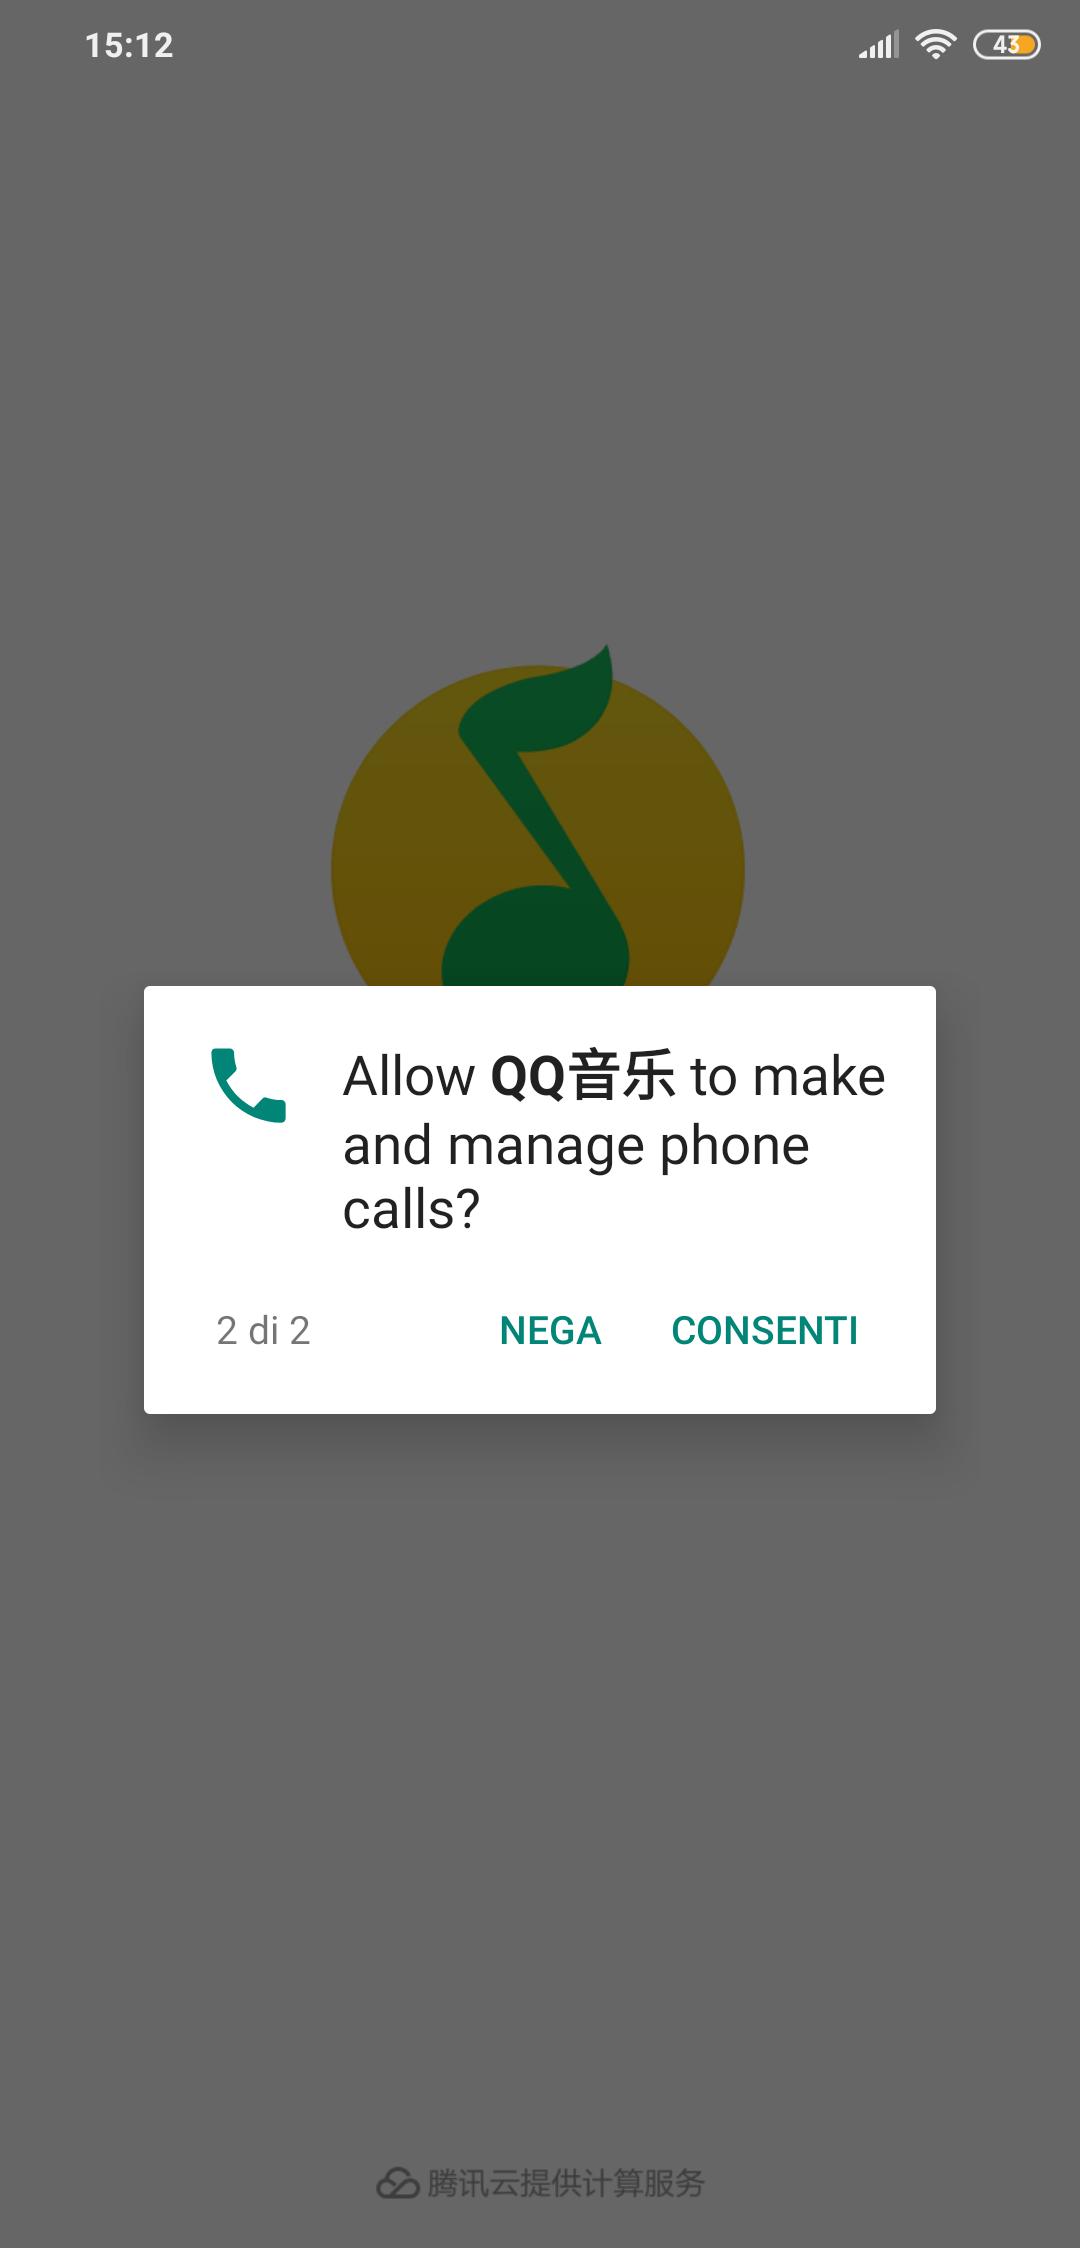 Screenshot_2018-09-21-15-12-15-980_com.google.android.packageinstaller.png